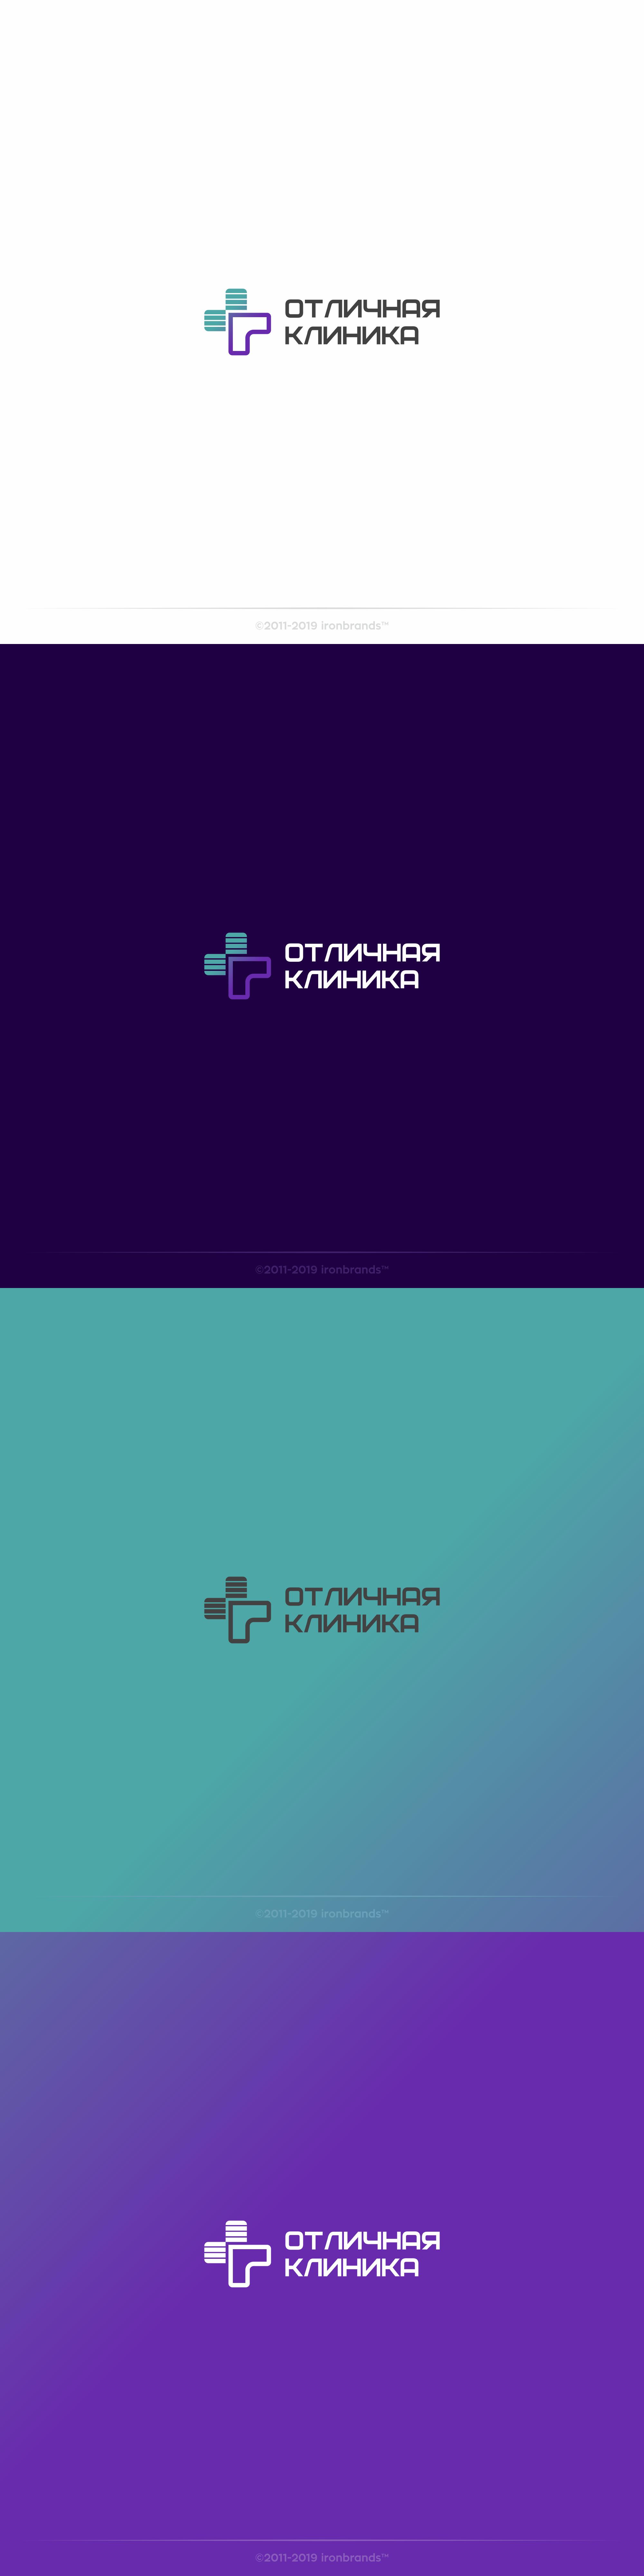 Логотип и фирменный стиль частной клиники фото f_6225c939d3e645c2.jpg